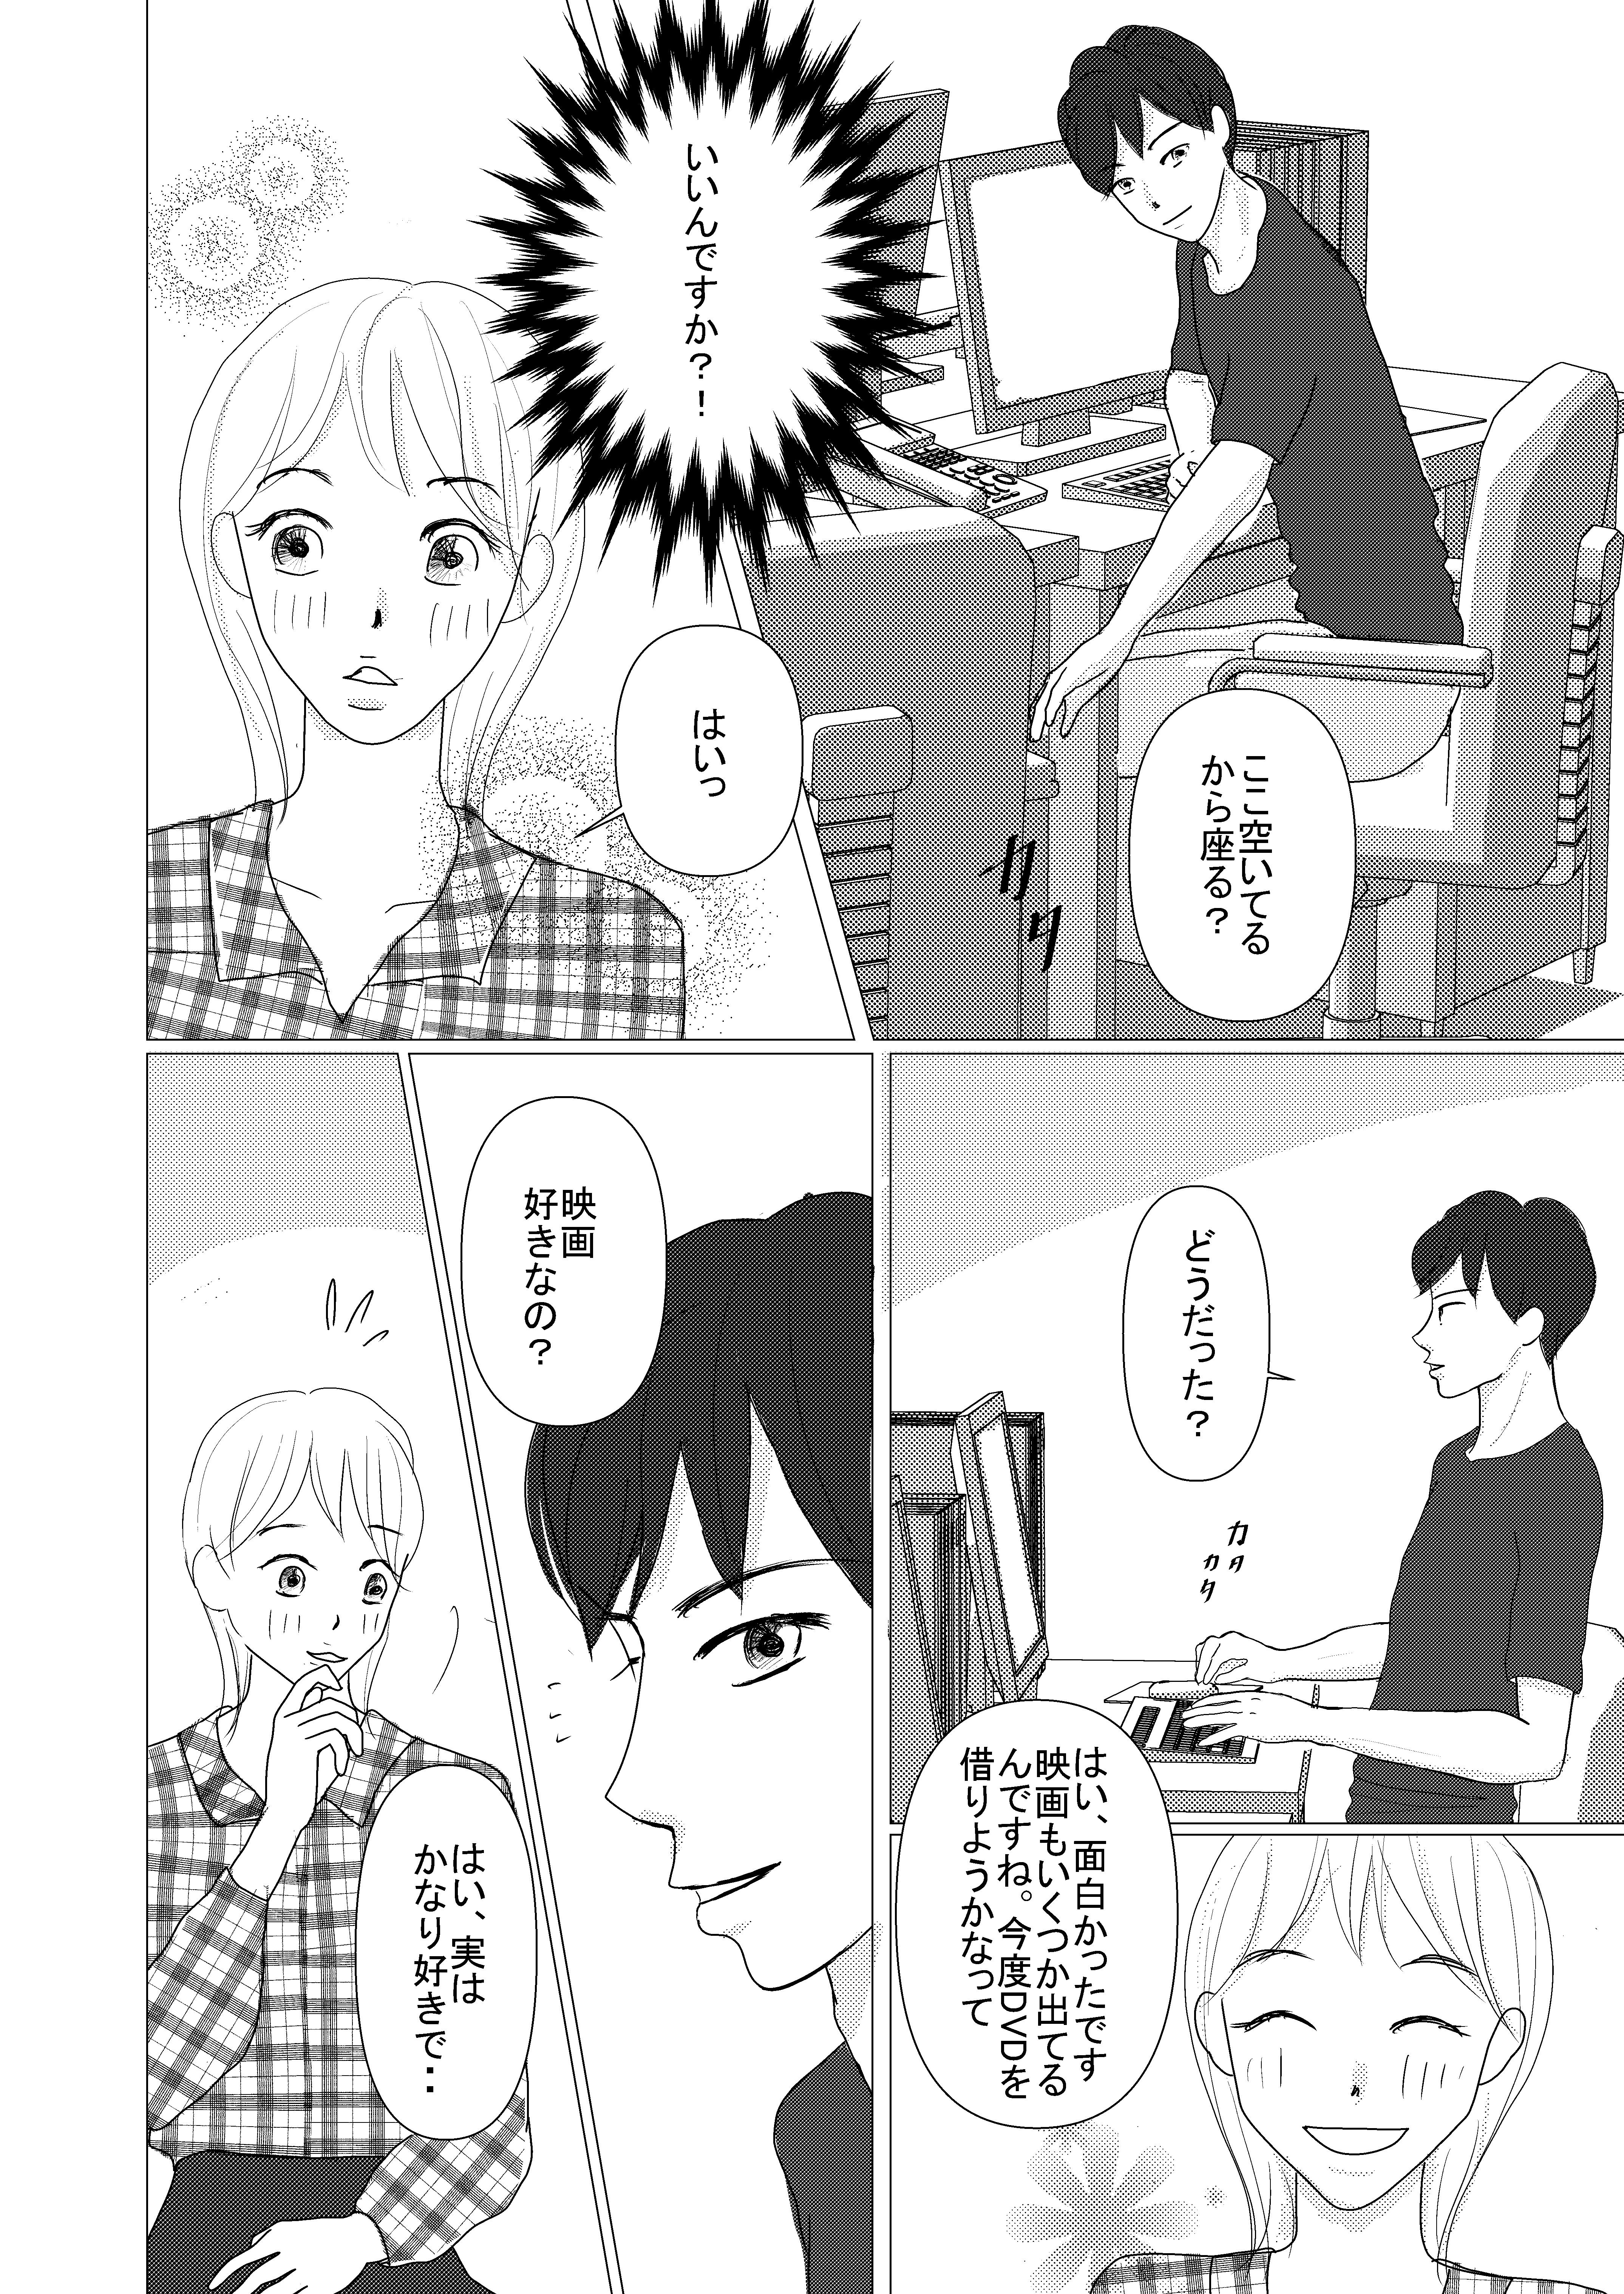 恋愛漫画/大学生/社会人/大学生で初めて付き合う/初めての彼氏/shoujyo manga/米加夢/44ページ